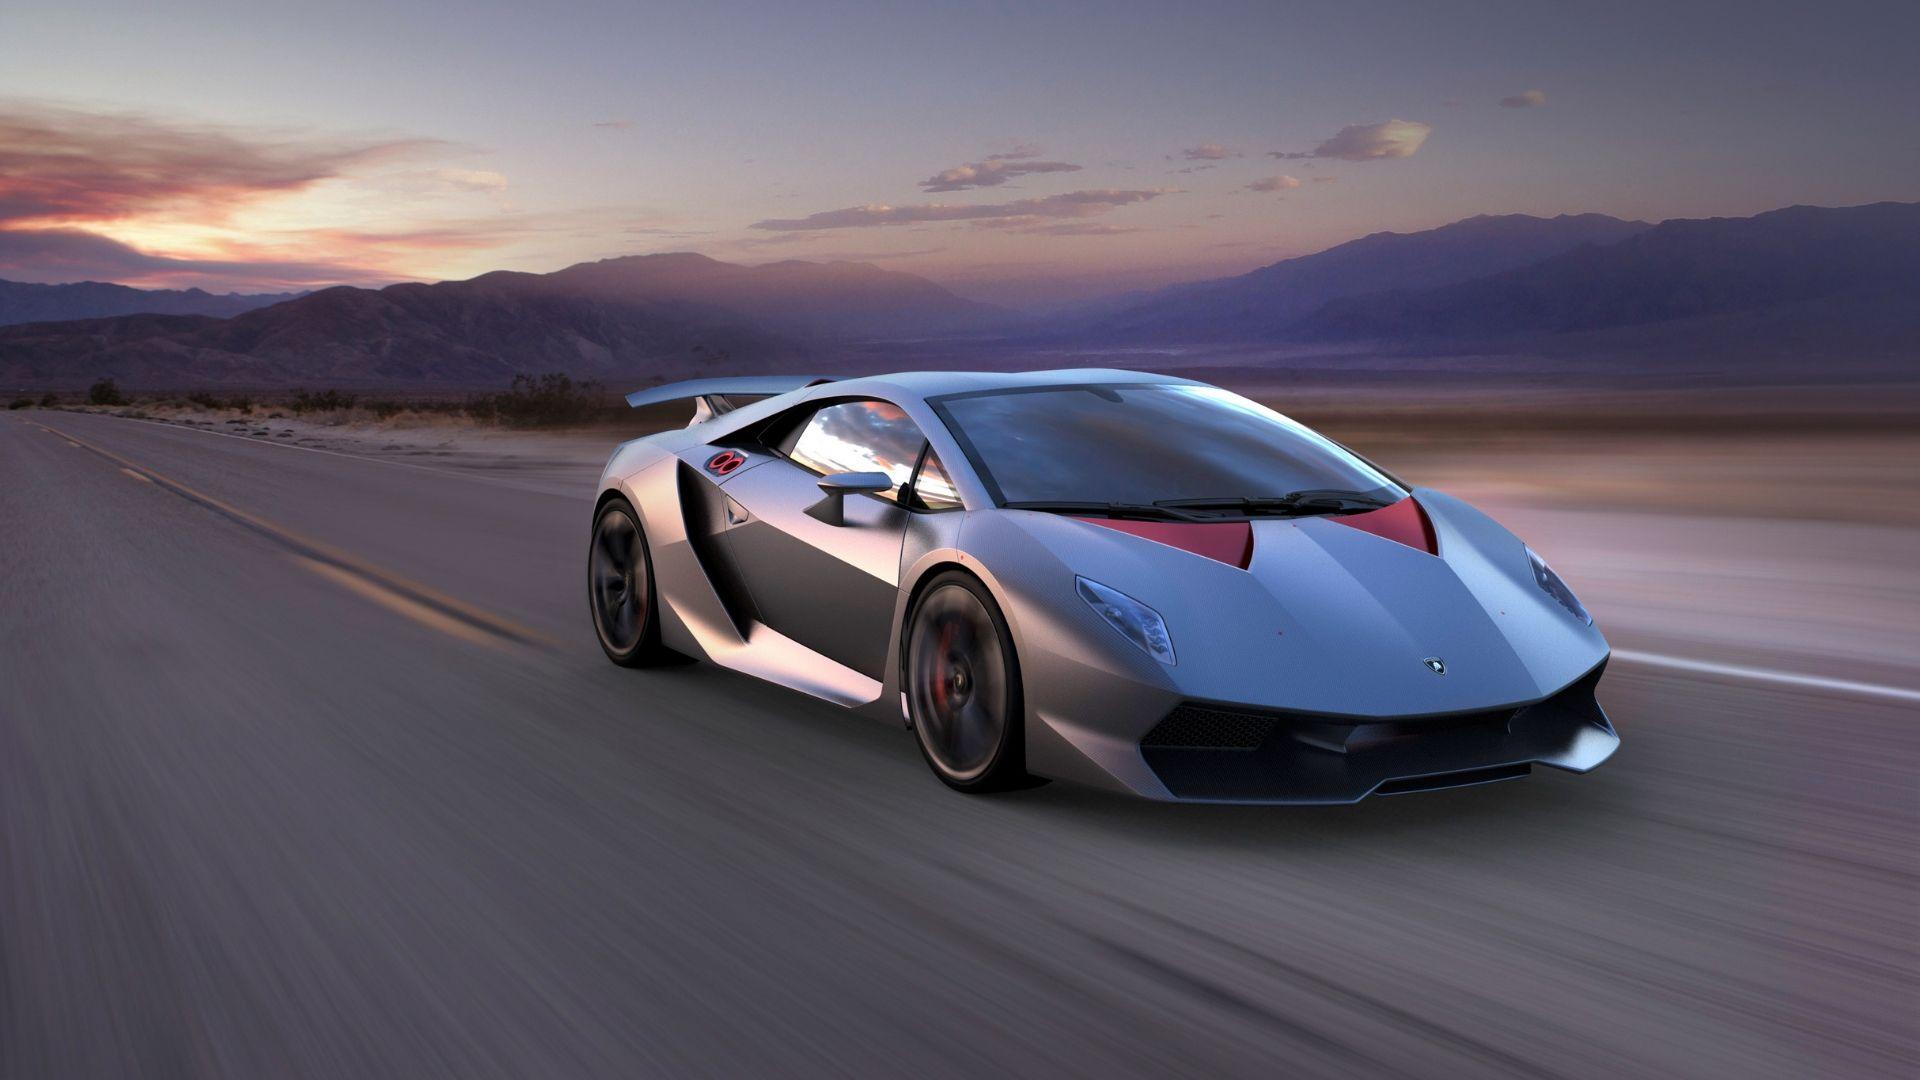 Lamborghini Sesto Elemento The Lightest Few Off Of All